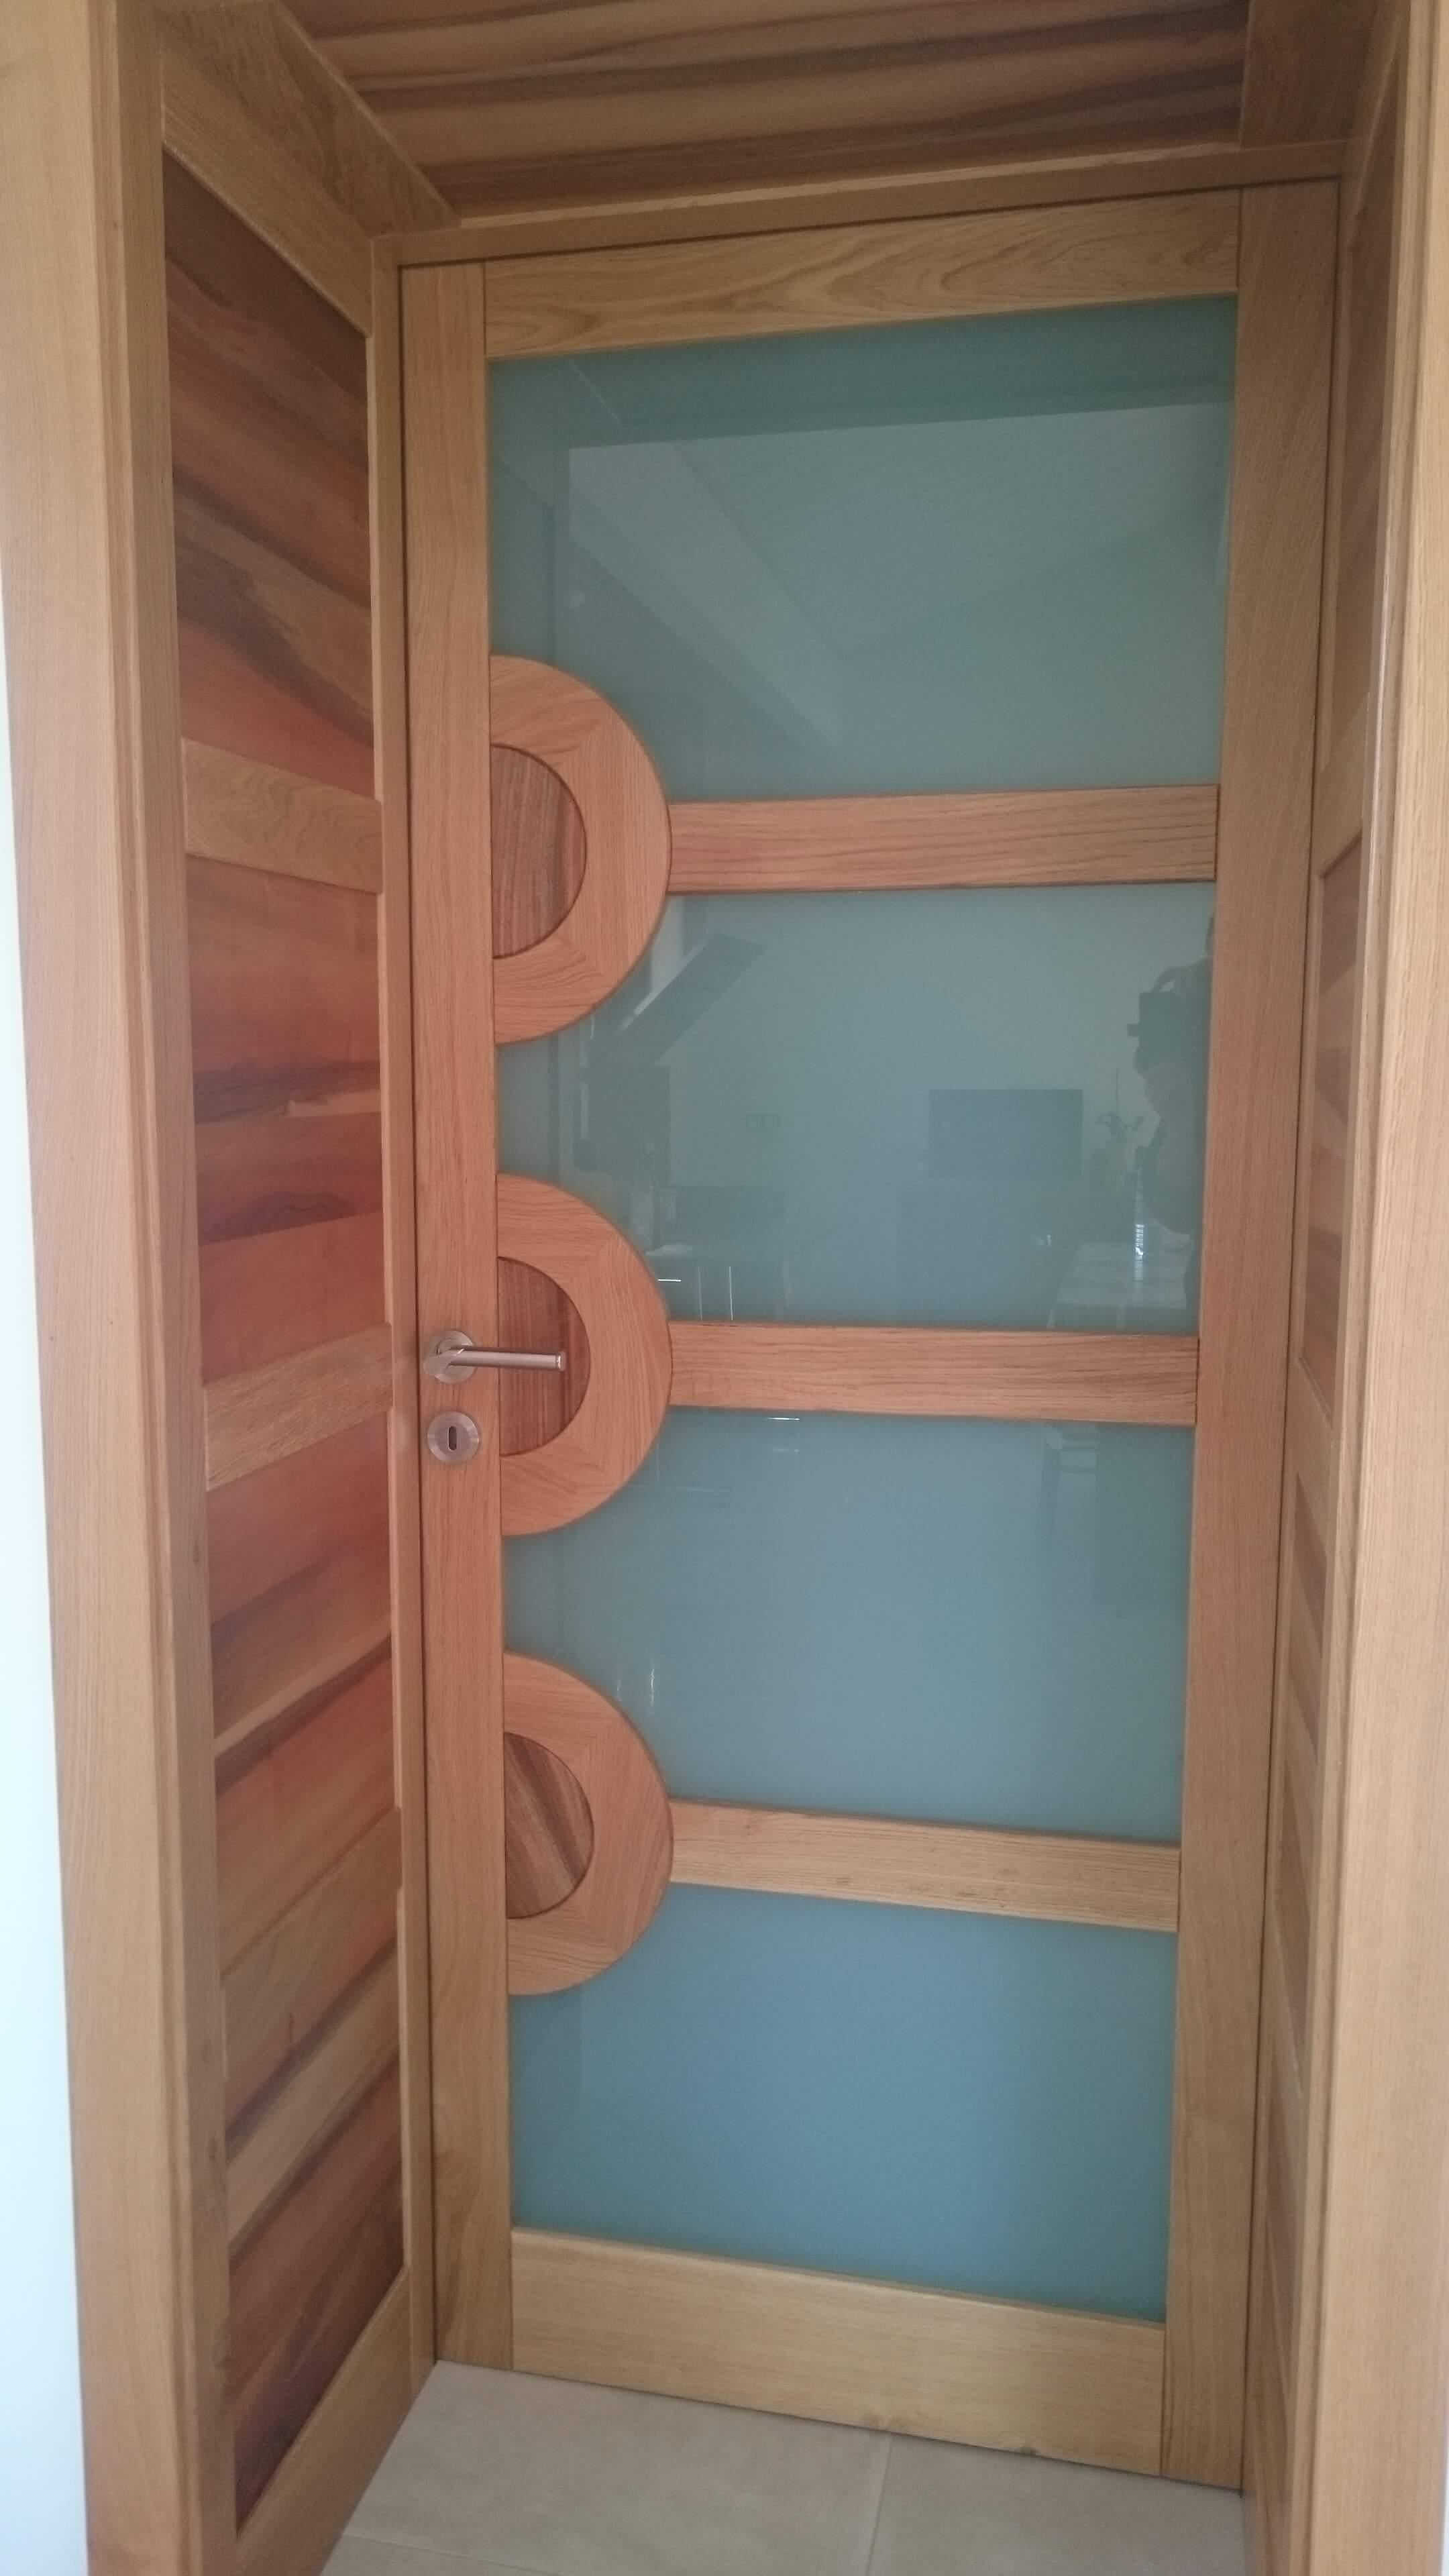 Menuiserie Figard - Fabrication sur mesure - Porte d'intérieur - Chêne noyer vitrage opale- Vesoul